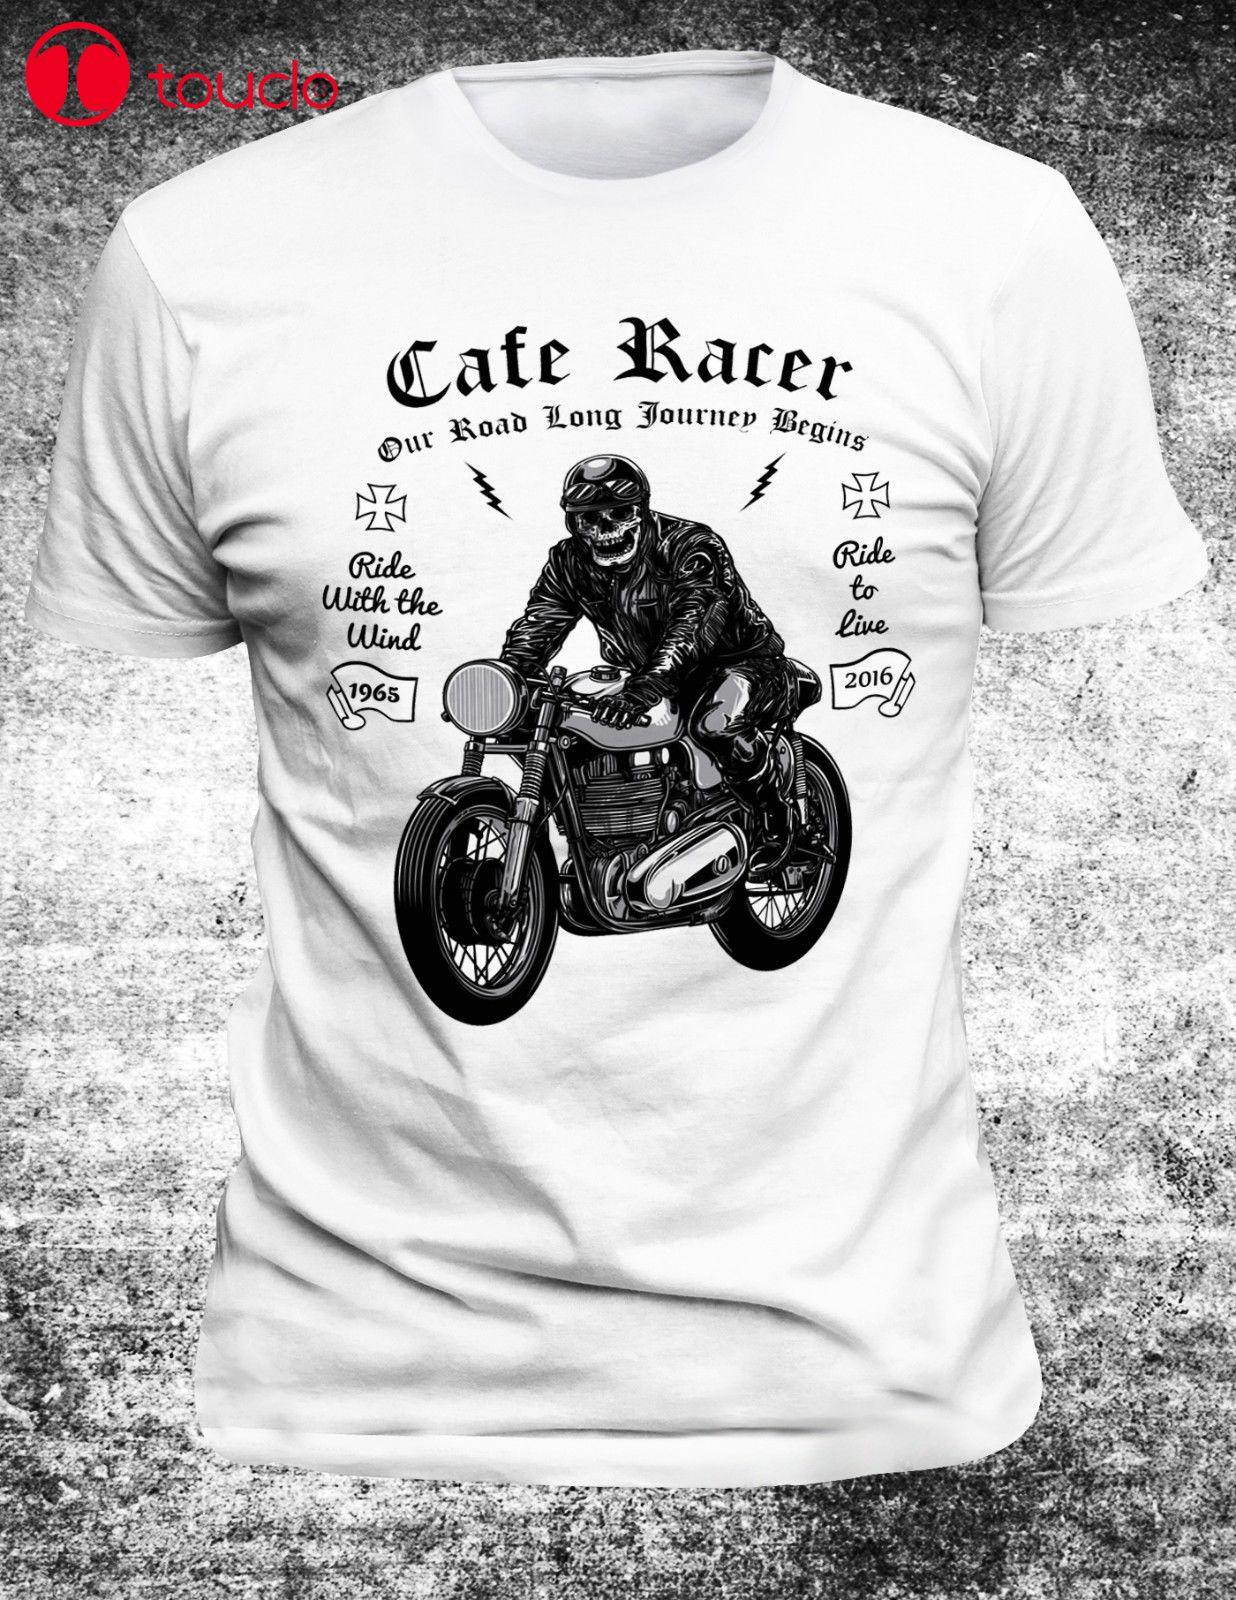 2019 nuevo Cool camiseta Alemania Cafer cráneo de Racer Motorcyclet-camisa Motor moto Motorroller Motorrad Super Motor Retro sudaderas con capucha